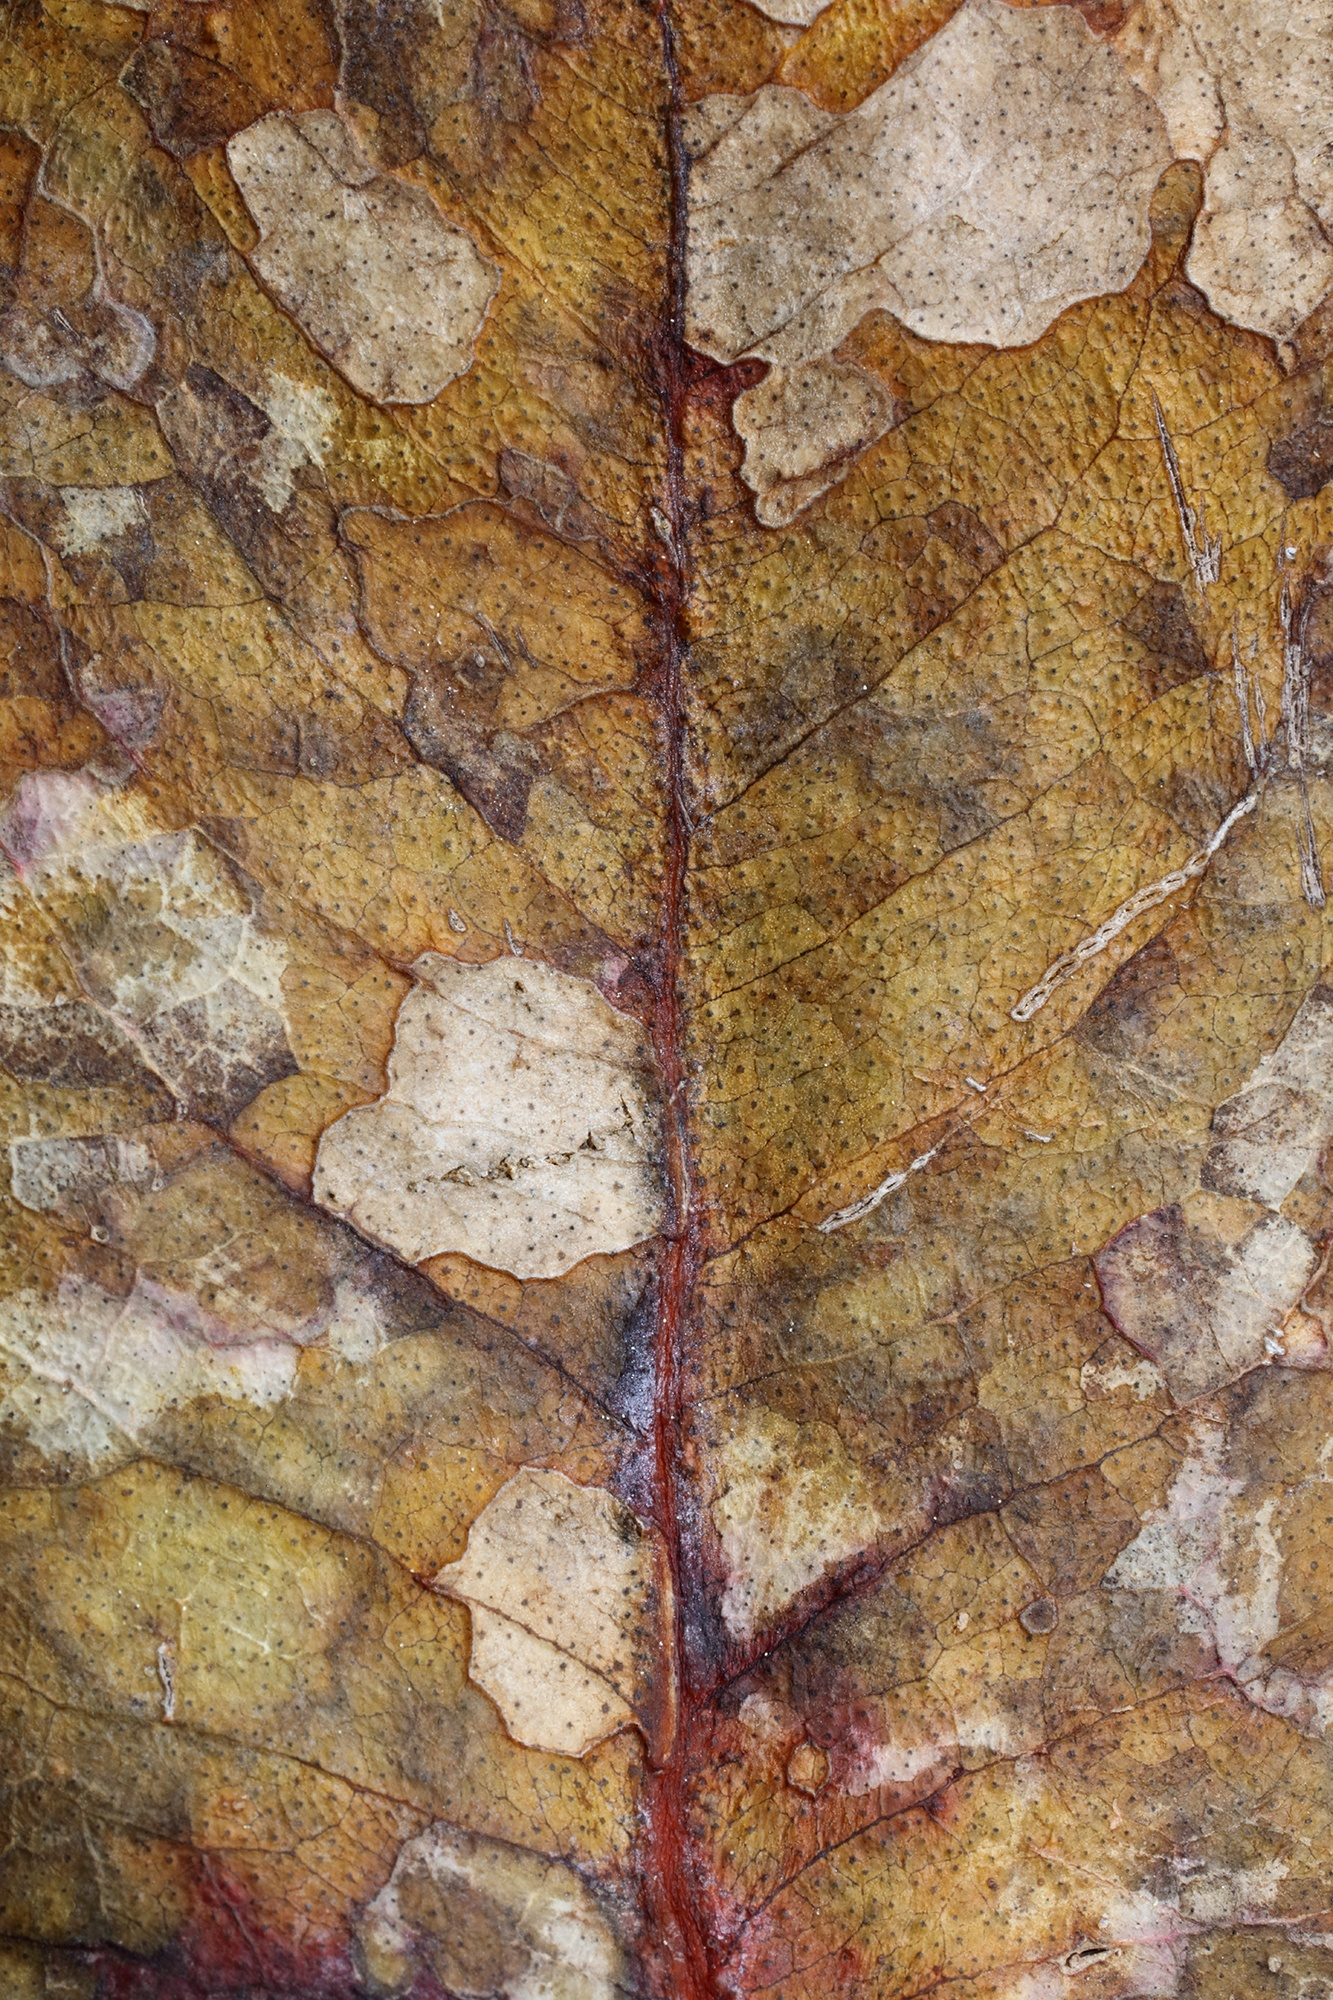 Mors folium II - La Belleza de la Senescencia II